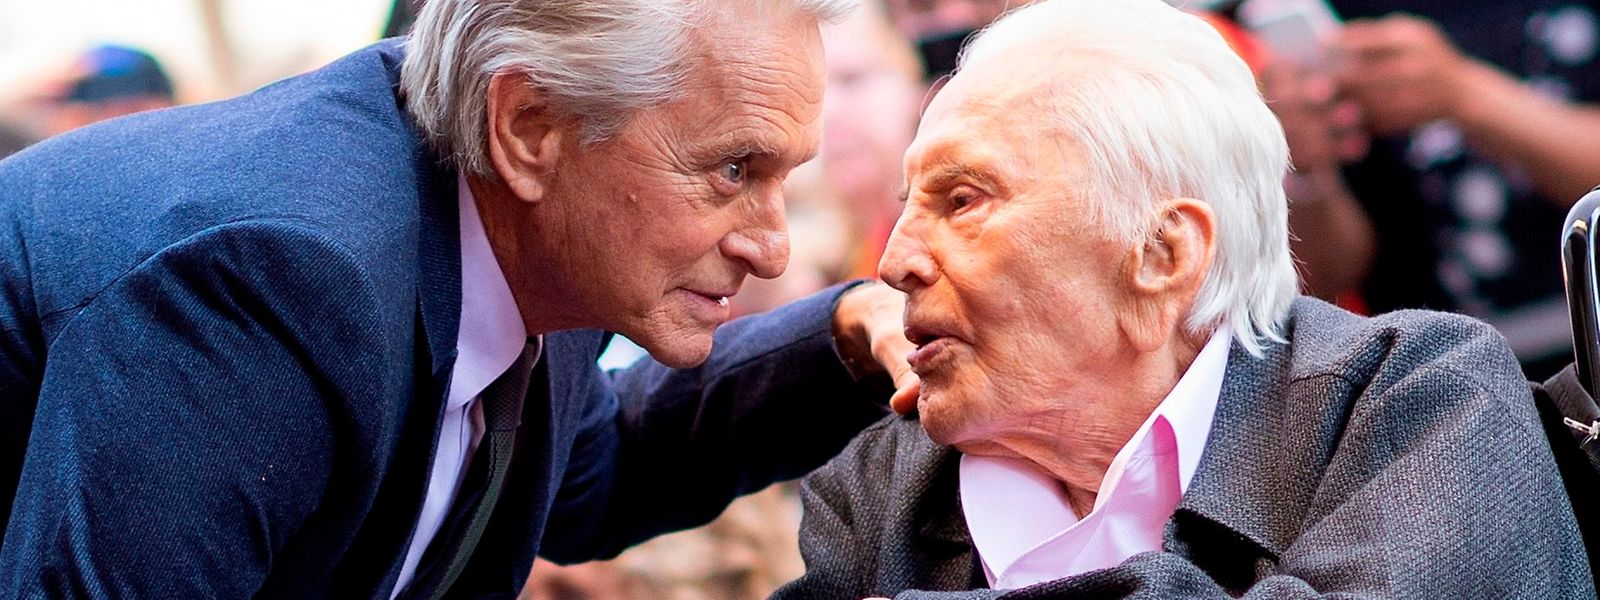 """Kirk Douglas mit seinem Sohn Michael Douglas (l.) bei der Enthüllung eines Sterns auf dem """"Walk of Fame""""."""